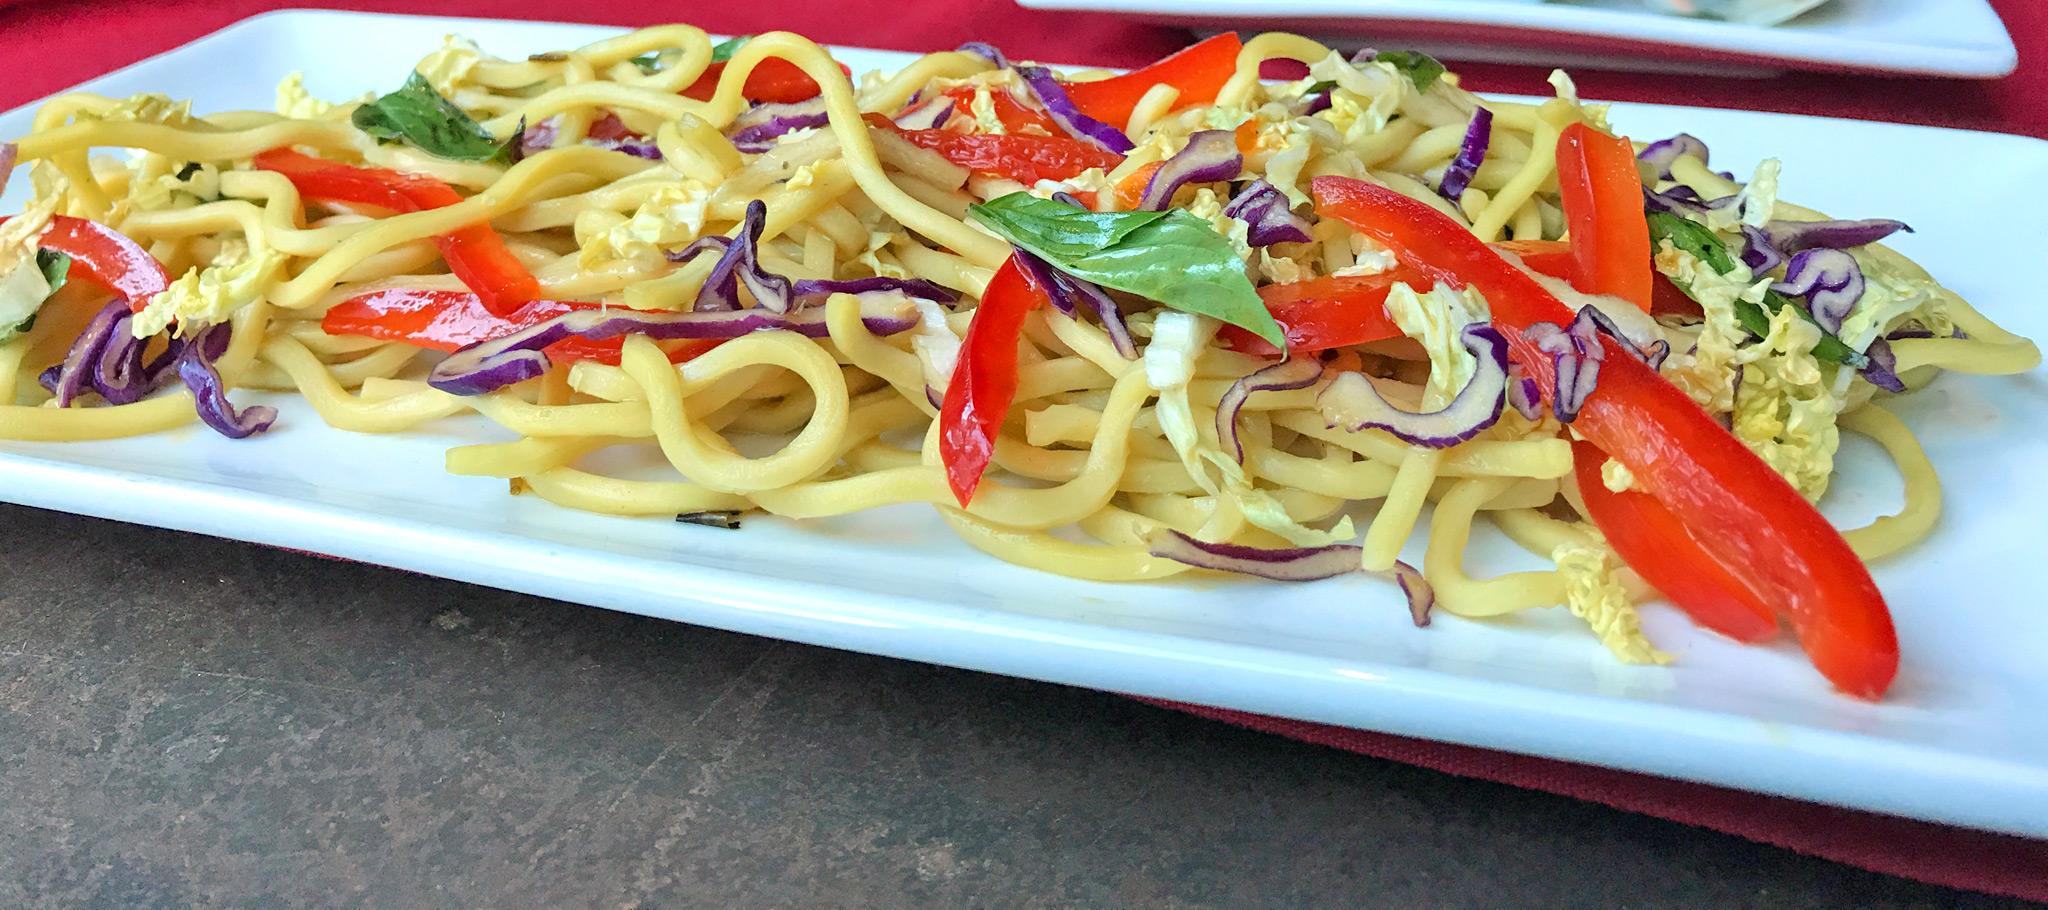 Saké 23 Noodle - salad yakisoba / thai basil / mint / napa cabbage red cabbage / sweet chili soy dressing